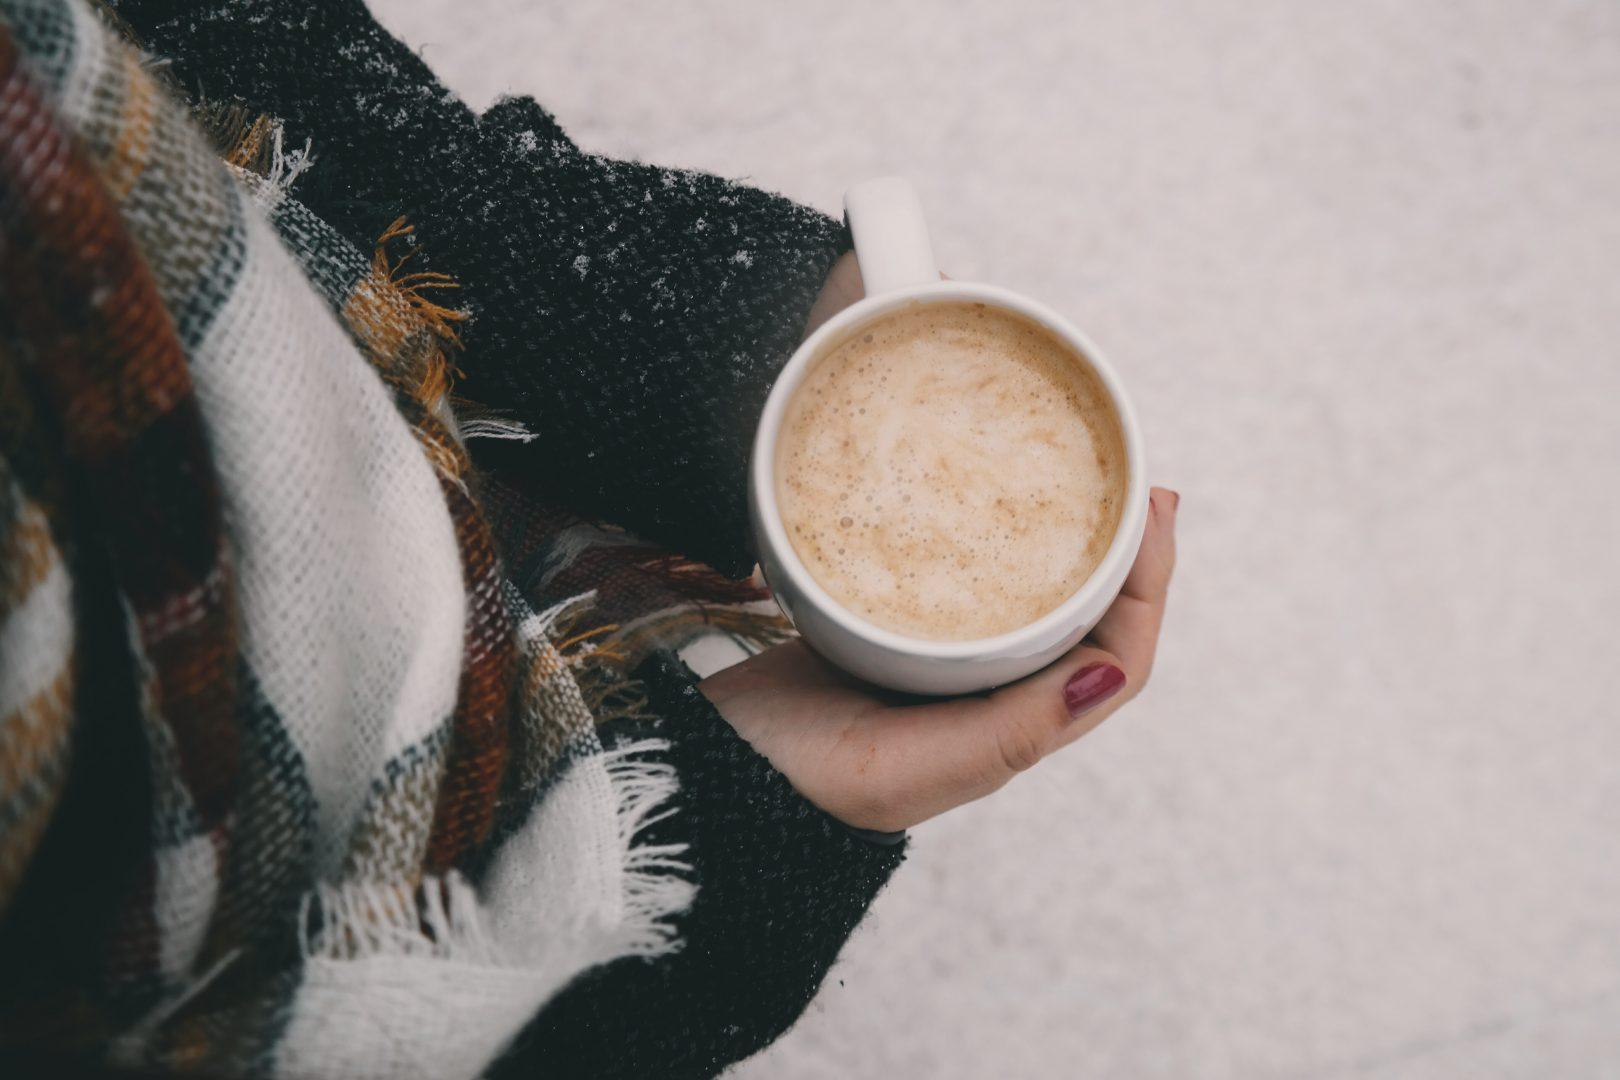 adult-beverage-caffeine